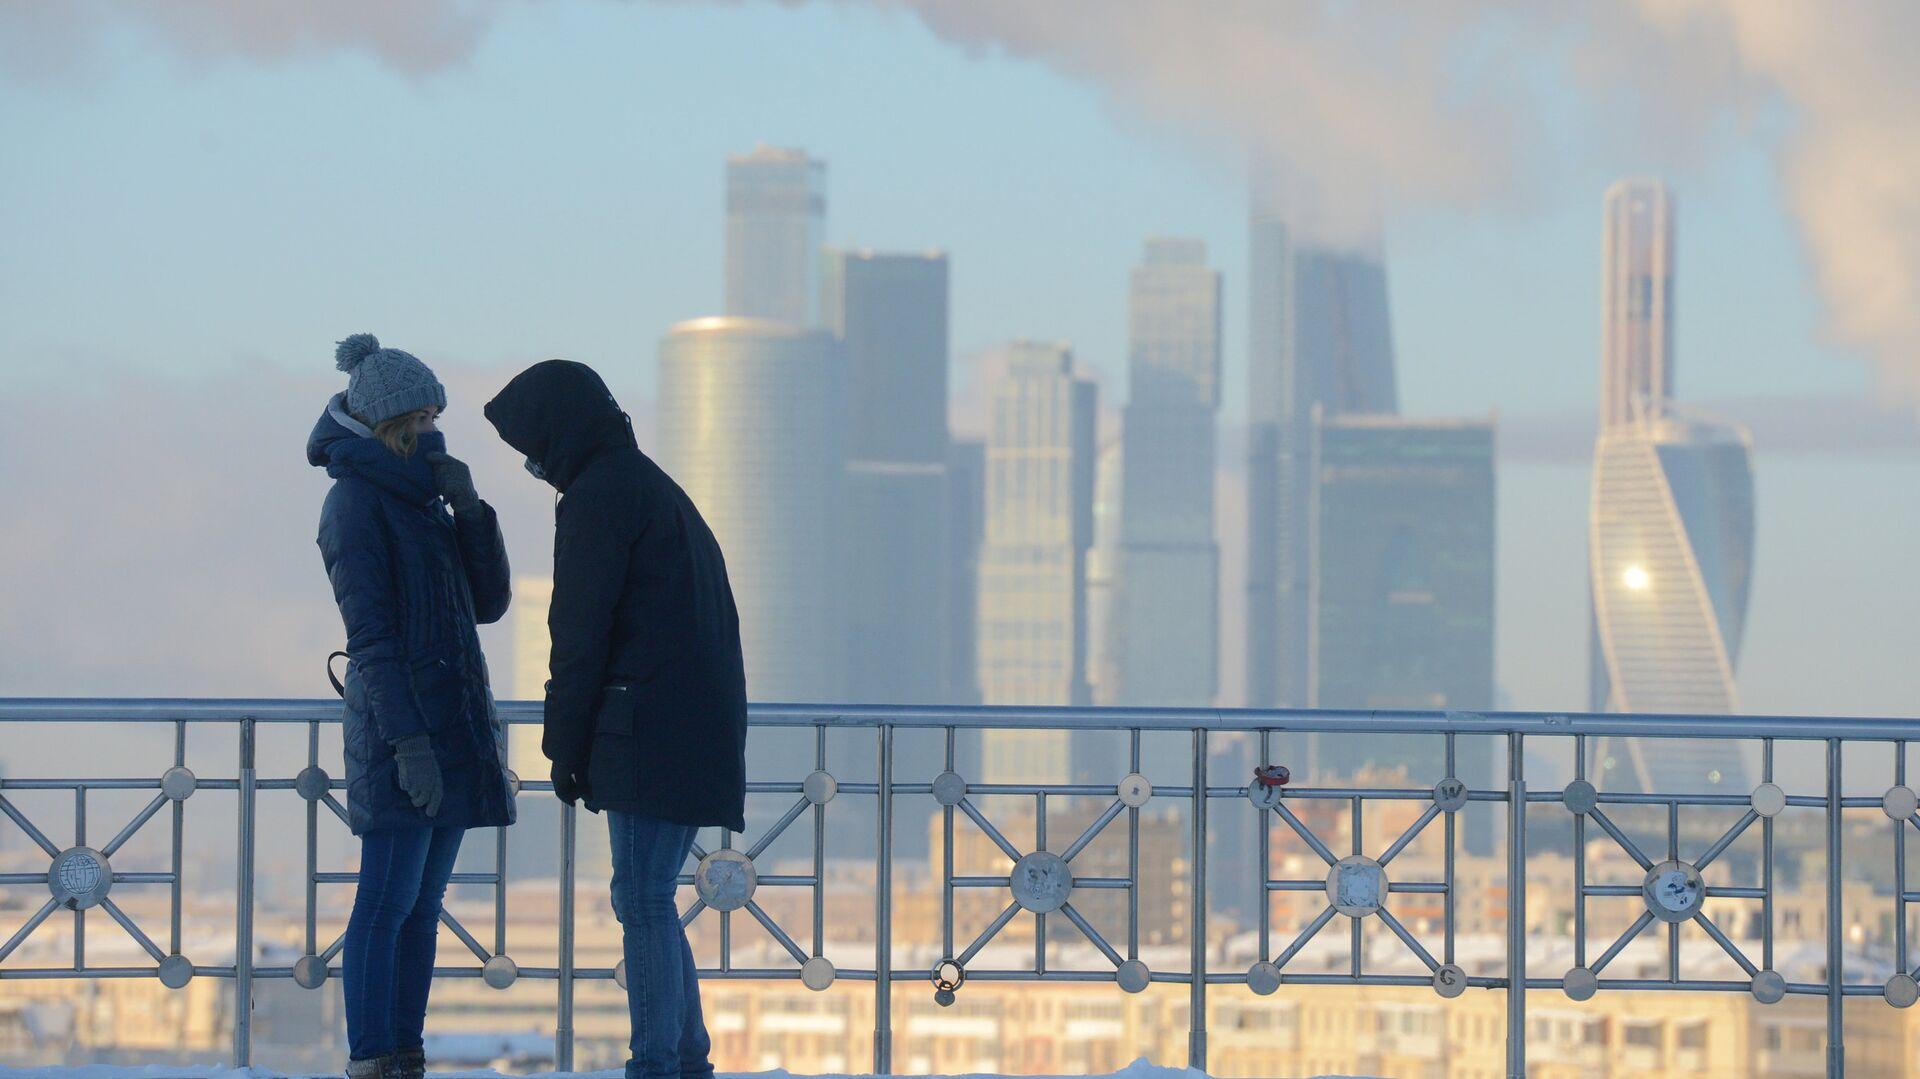 Молодые люди на смотровой площадке РАН в Москве - РИА Новости, 1920, 05.03.2021